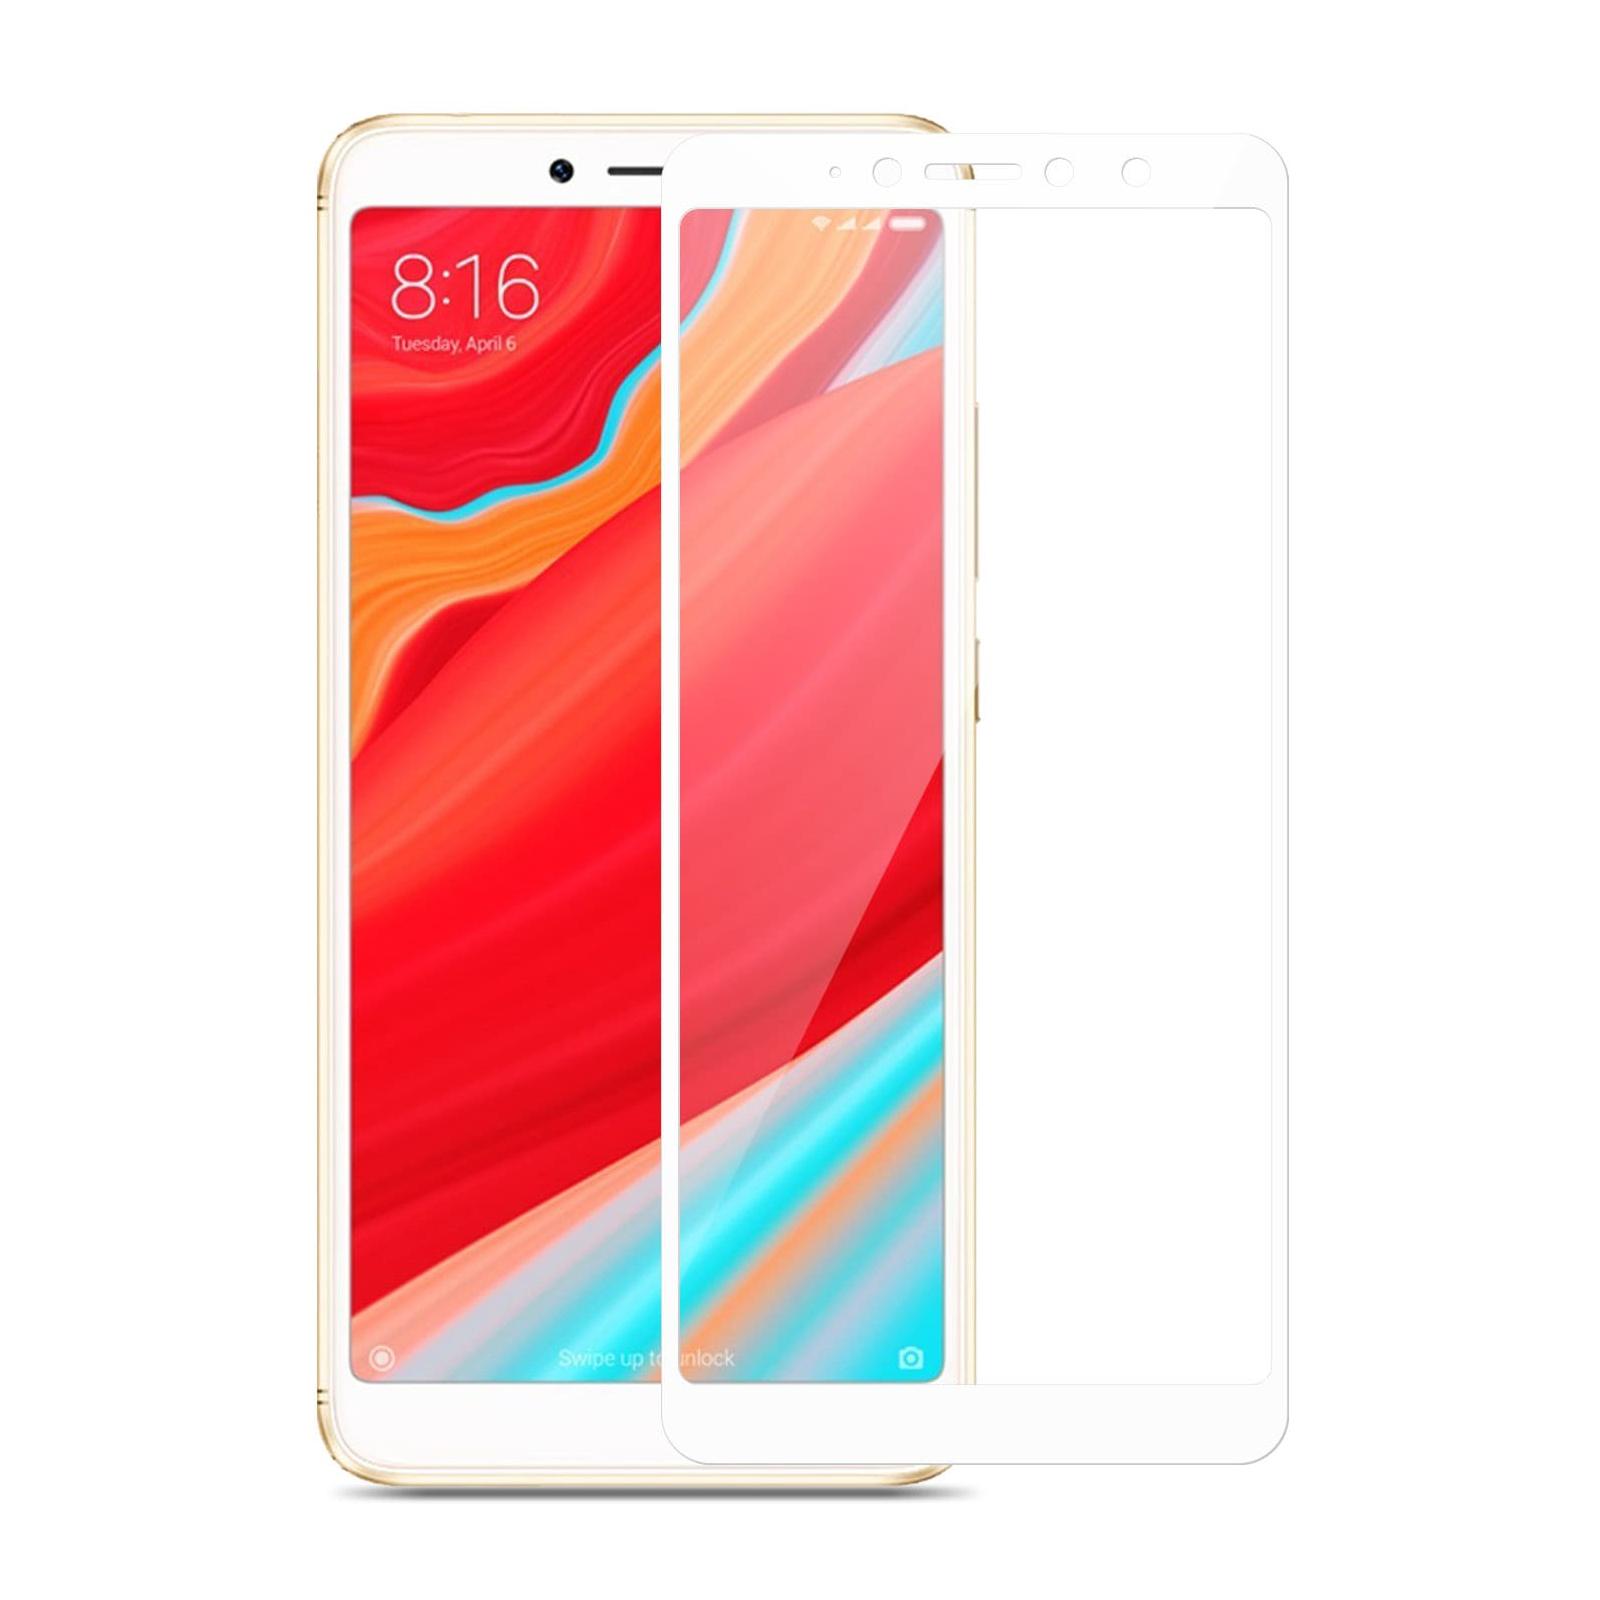 Стекло защитное MakeFuture для Xiaomi Redmi S2 White Full Cover Full Glue (MGFC-XRS2W) изображение 3